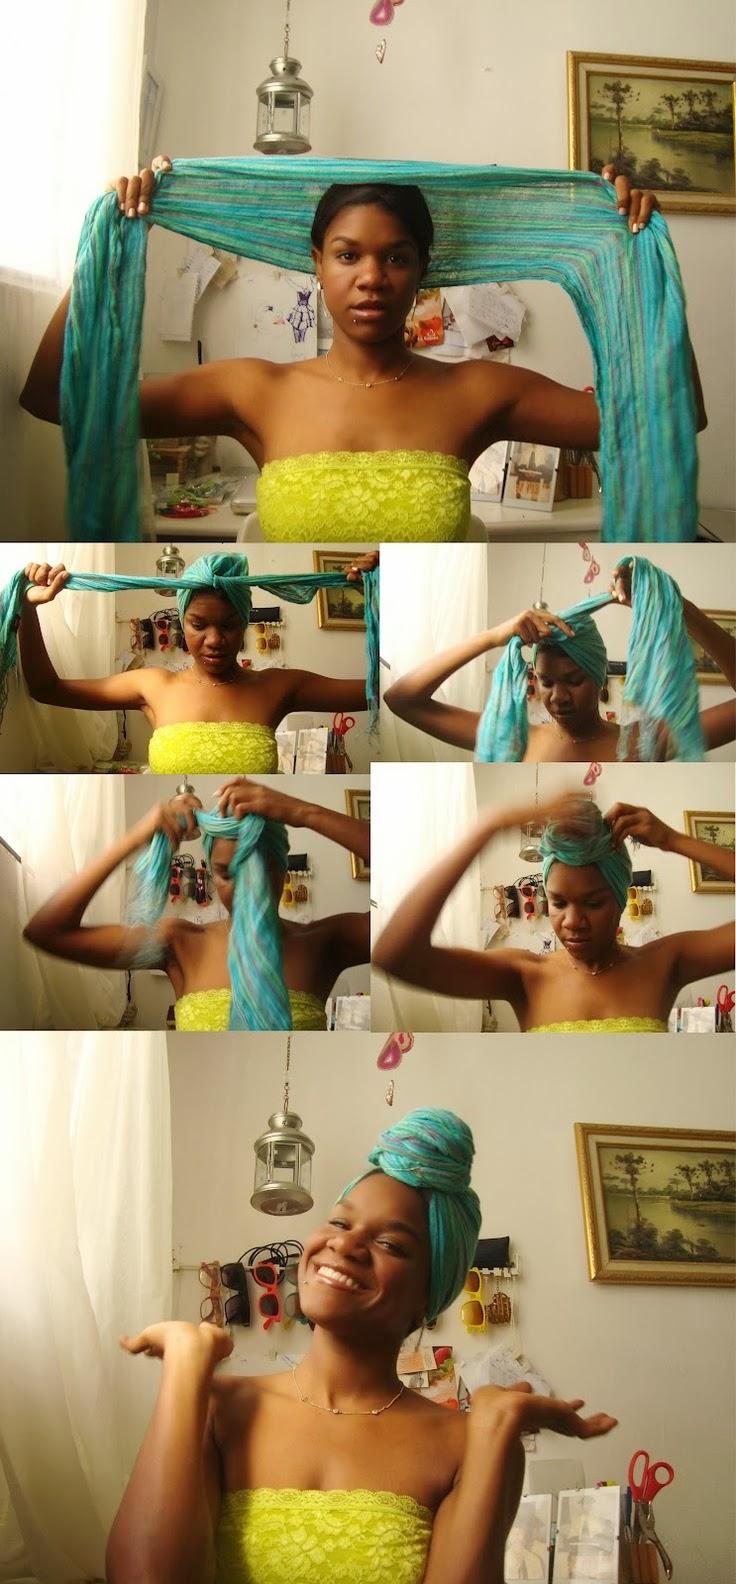 comment faire pousser les cheveux afro les bons gestes pour faire pousser les cheveux plus vite. Black Bedroom Furniture Sets. Home Design Ideas